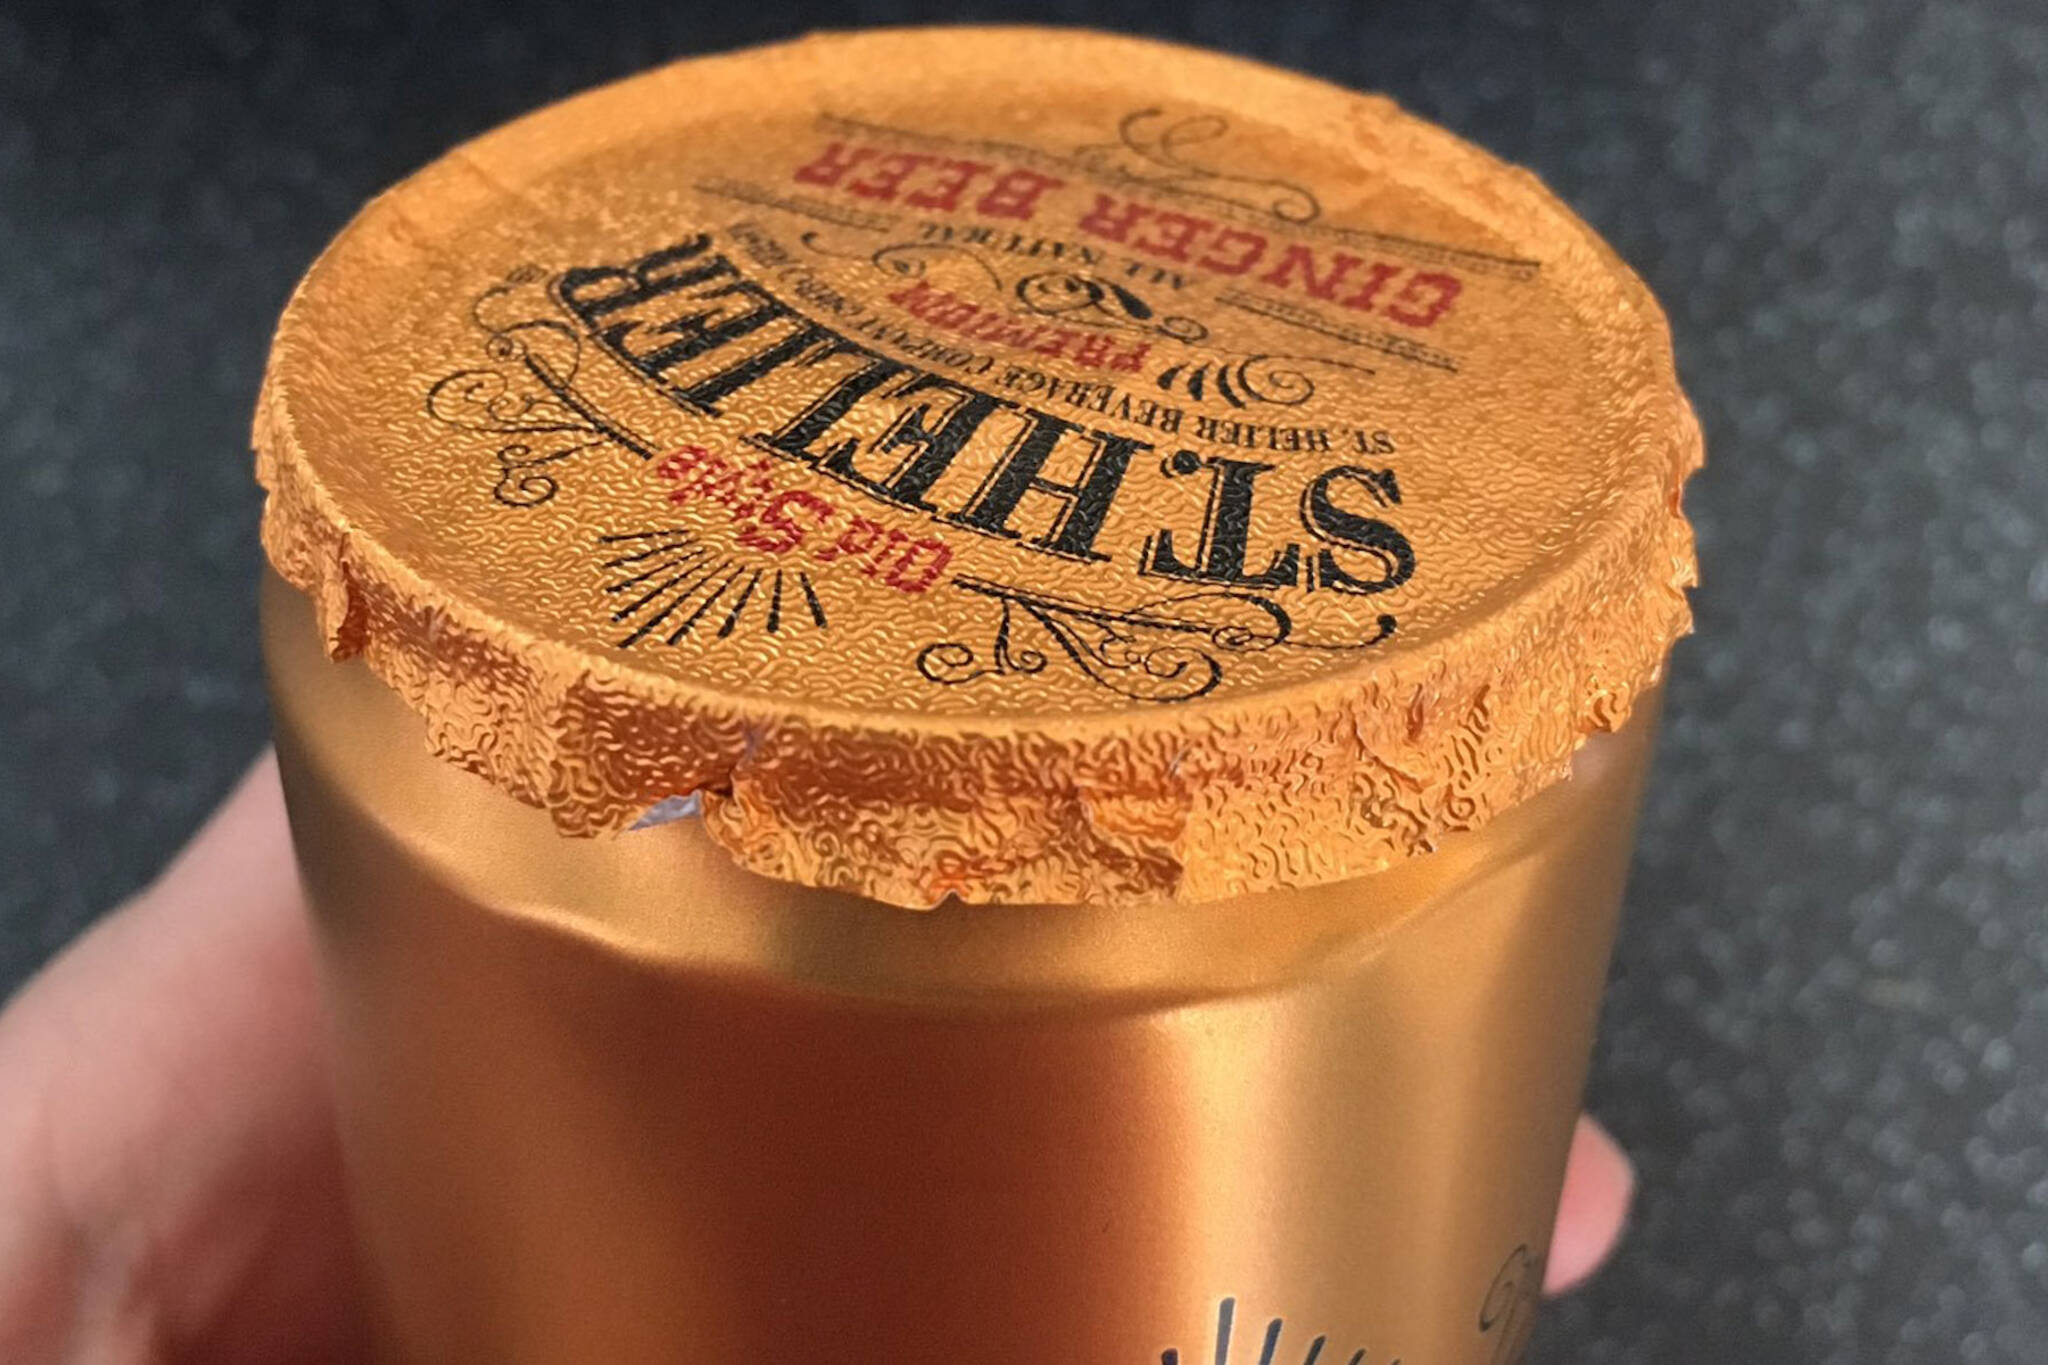 foil top beer can